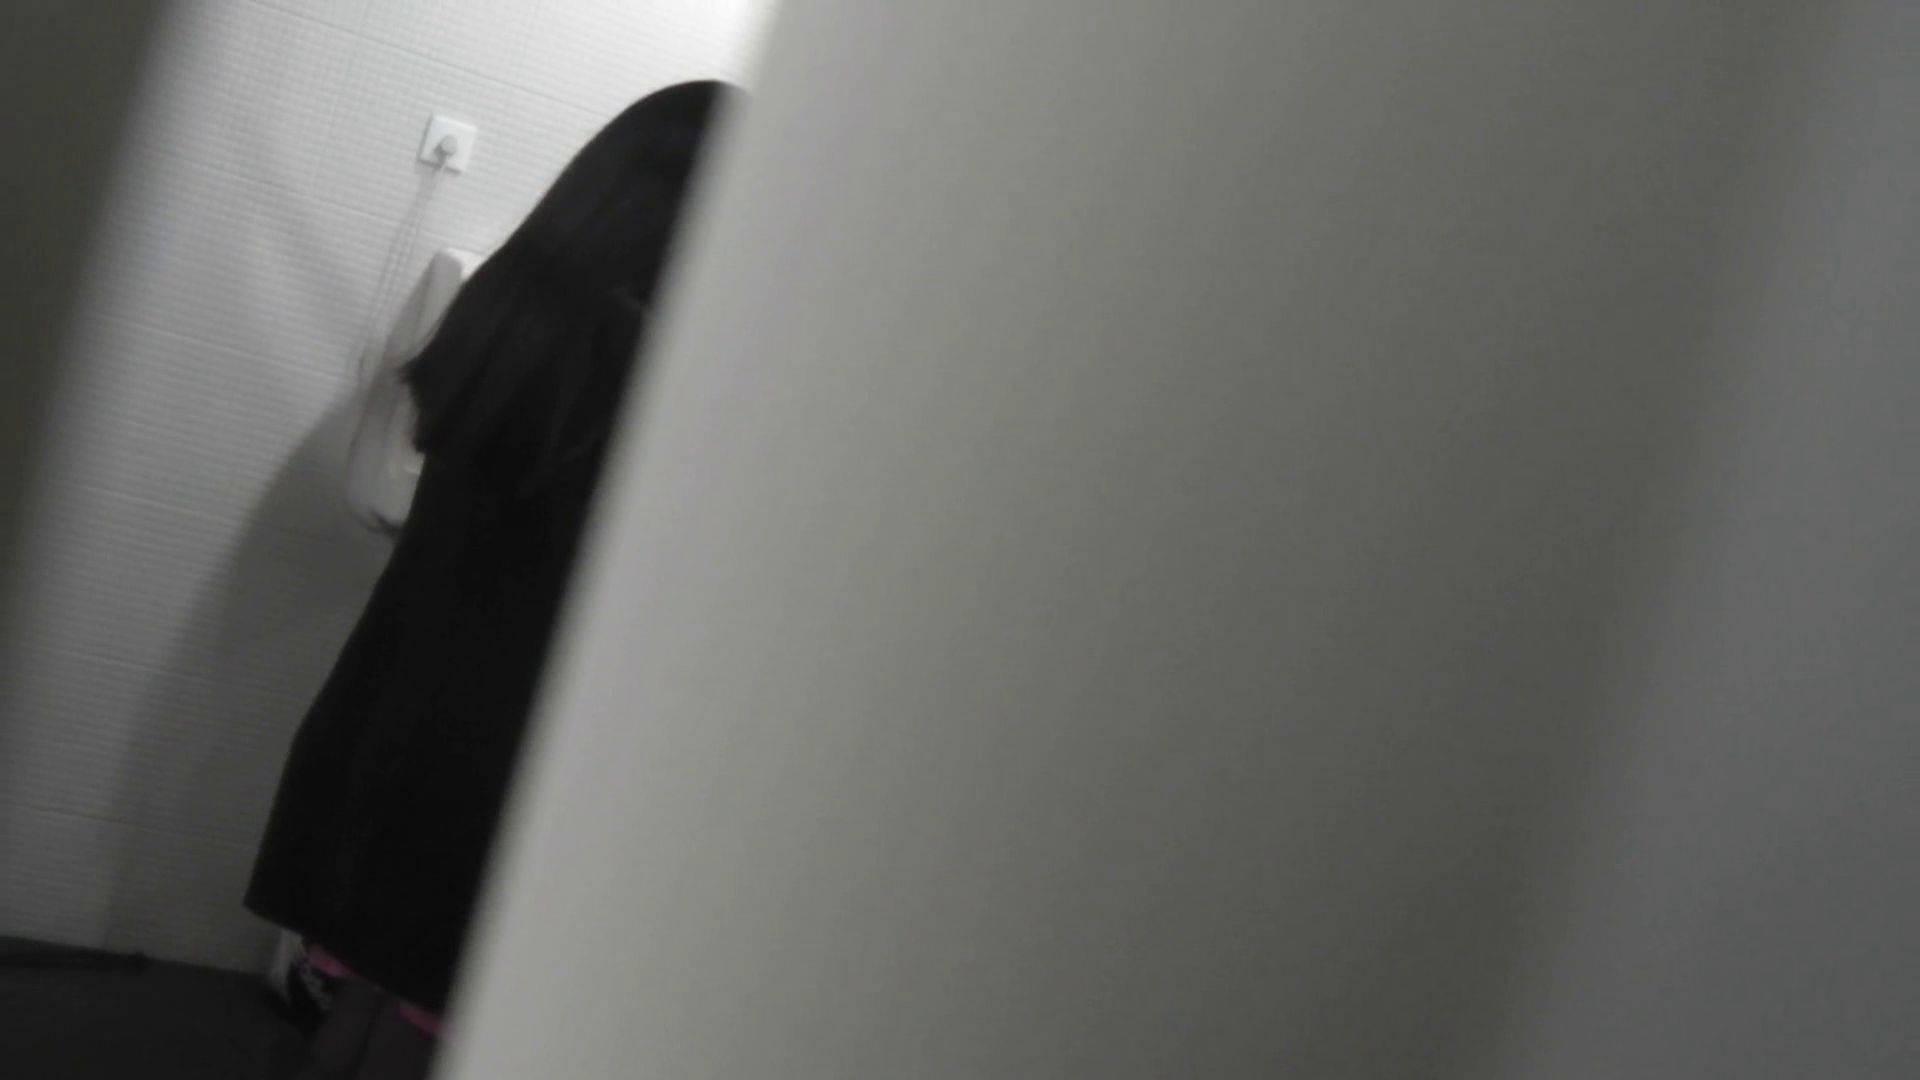 【日本成人用品展览会。超模如云】vol.01 着替|空爆 潜入突撃  103pic 63